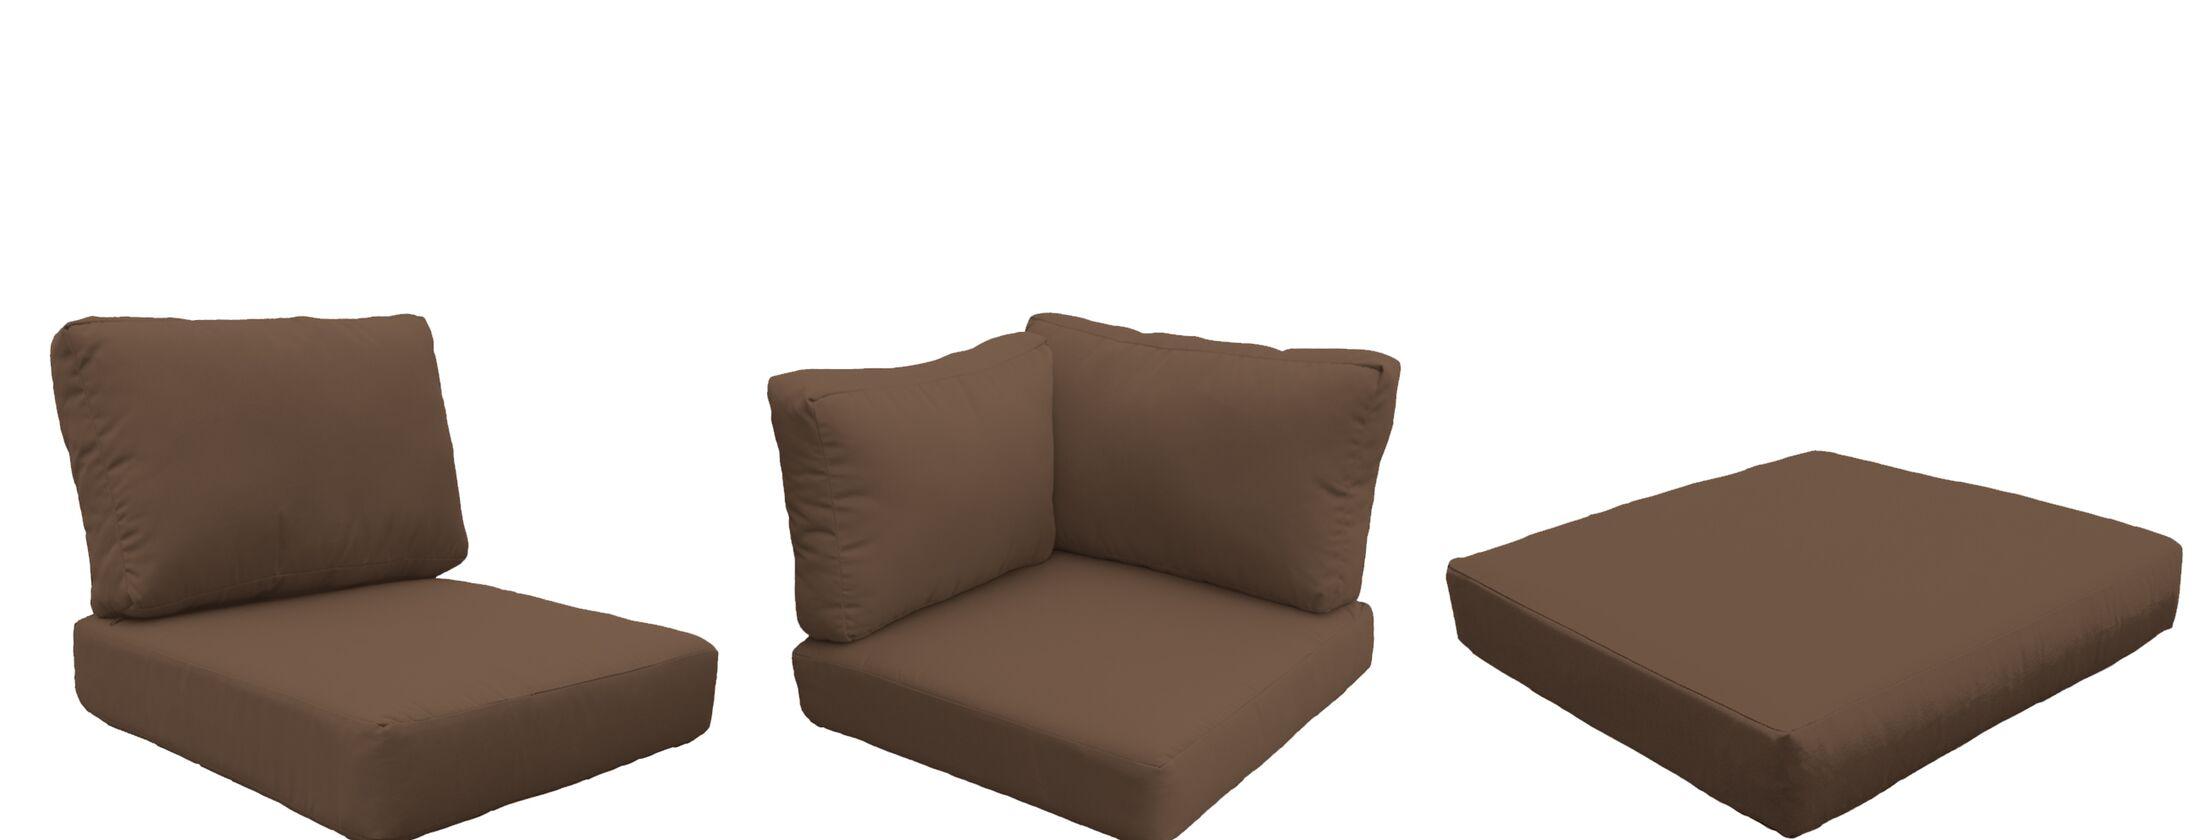 Barbados 25 Piece Outdoor Cushion Set Fabric: Cocoa